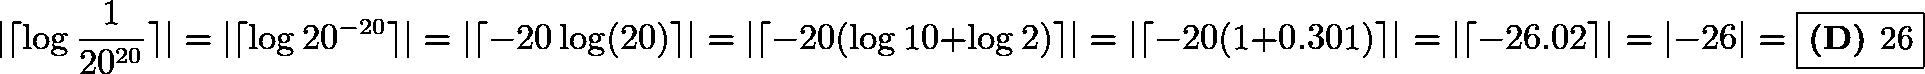 \[|\lceil \log \dfrac{1}{20^{20}} \rceil| = |\lceil \log 20^{-20} \rceil| = |\lceil -20 \log(20) \rceil| = |\lceil -20(\log 10 + \log 2) \rceil| = |\lceil -20(1 + 0.301) \rceil| = |\lceil -26.02 \rceil| = |-26| = \boxed{\textbf{(D) } \text{26}}\]